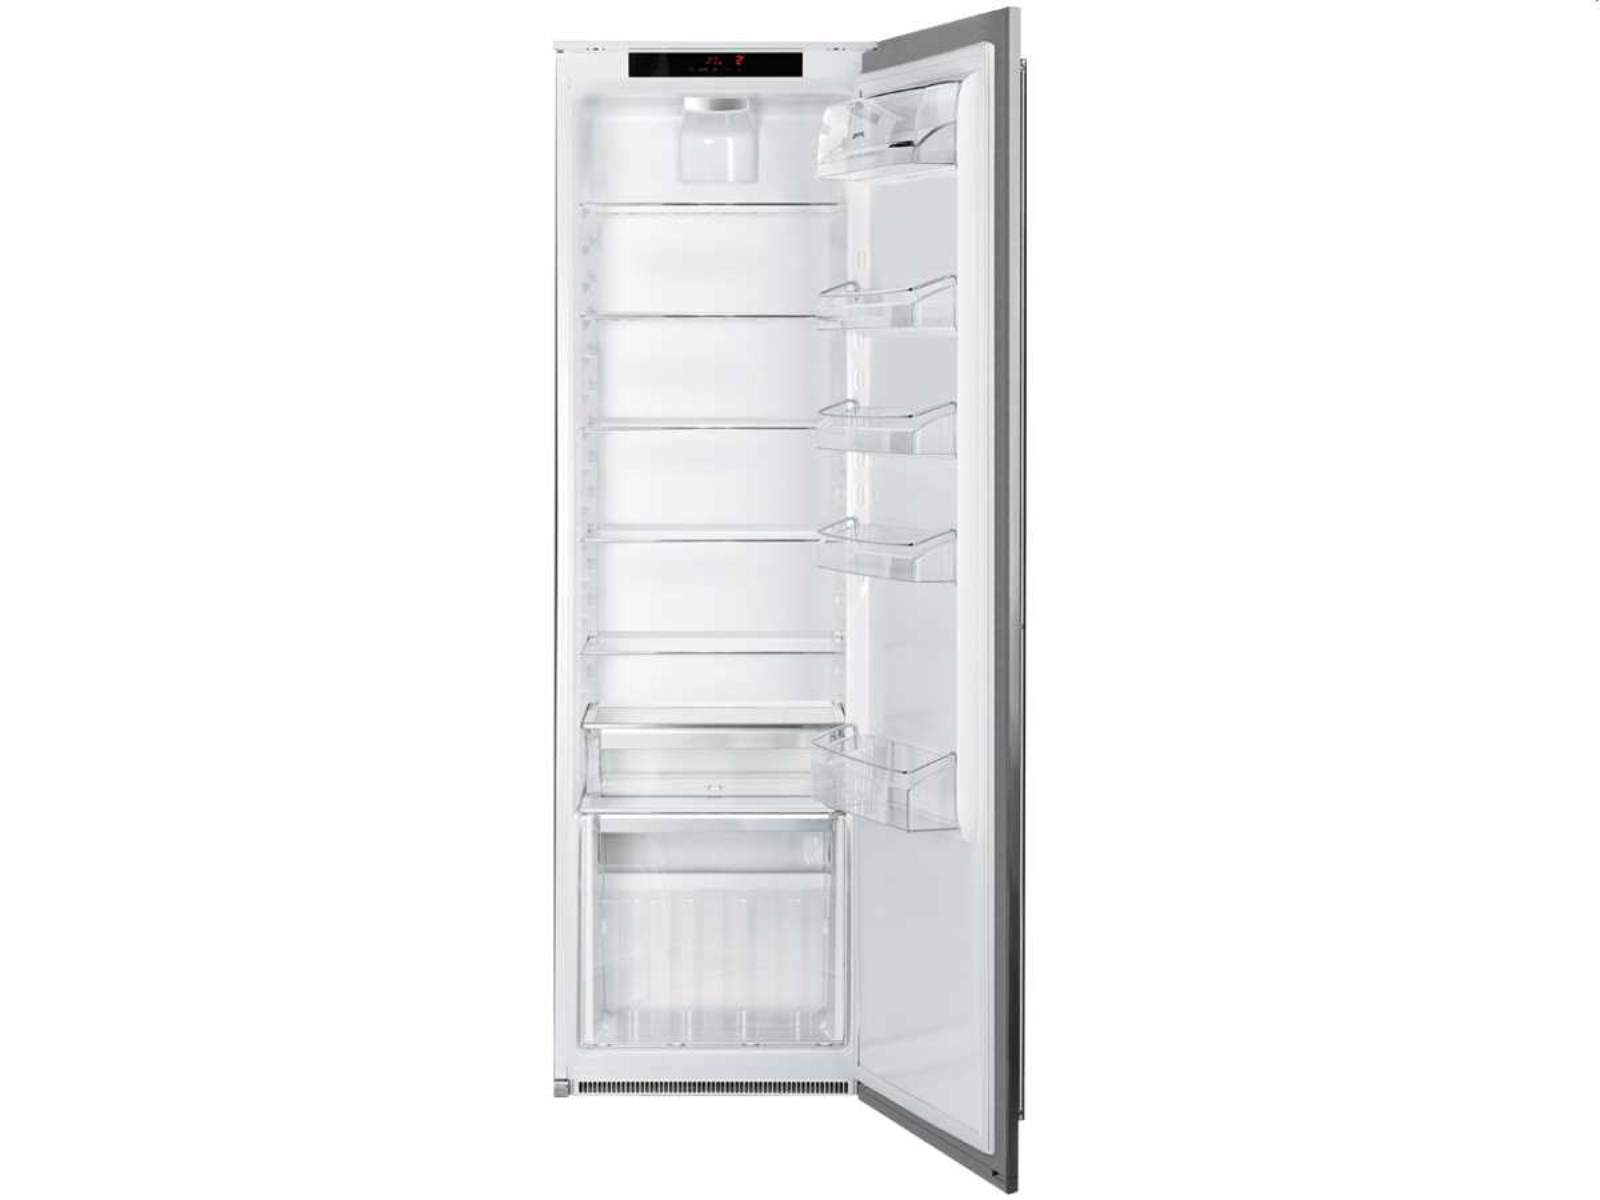 Smeg Kühlschrank Rosa Klein : Smeg kühlschrank innen retro kühlschrank singulär kühlschrank